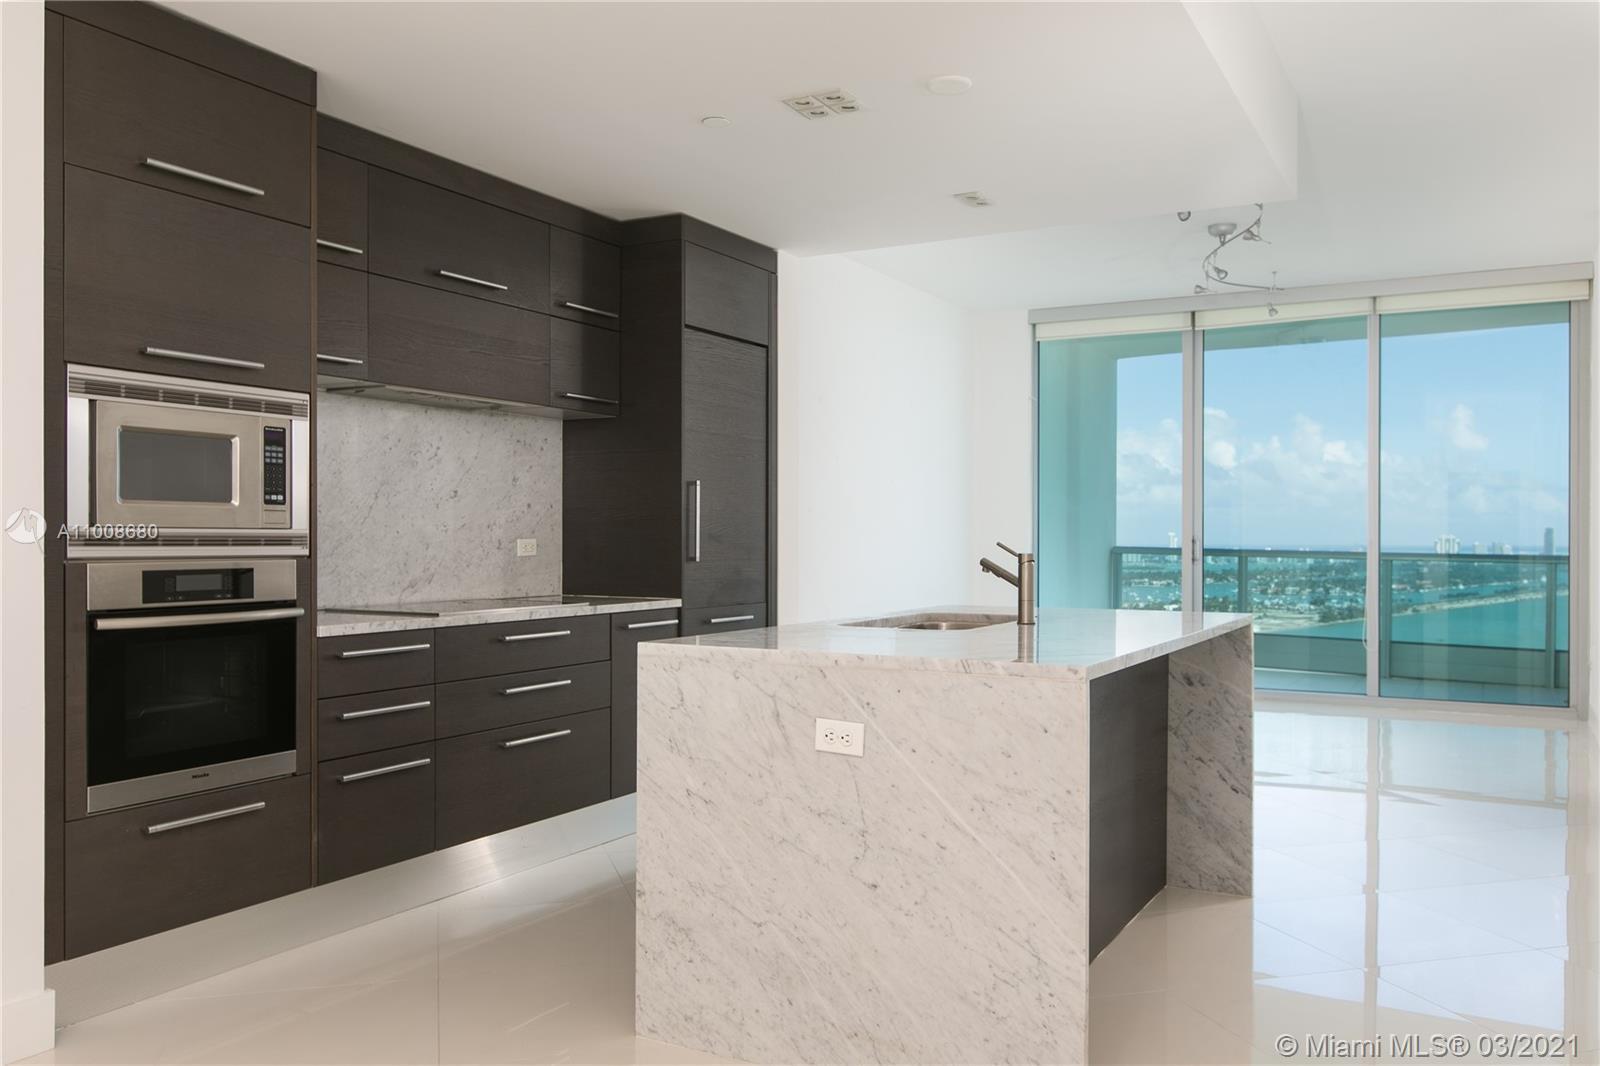 900 Biscayne Bay #3203 - 900 Biscayne Blvd #3203, Miami, FL 33132